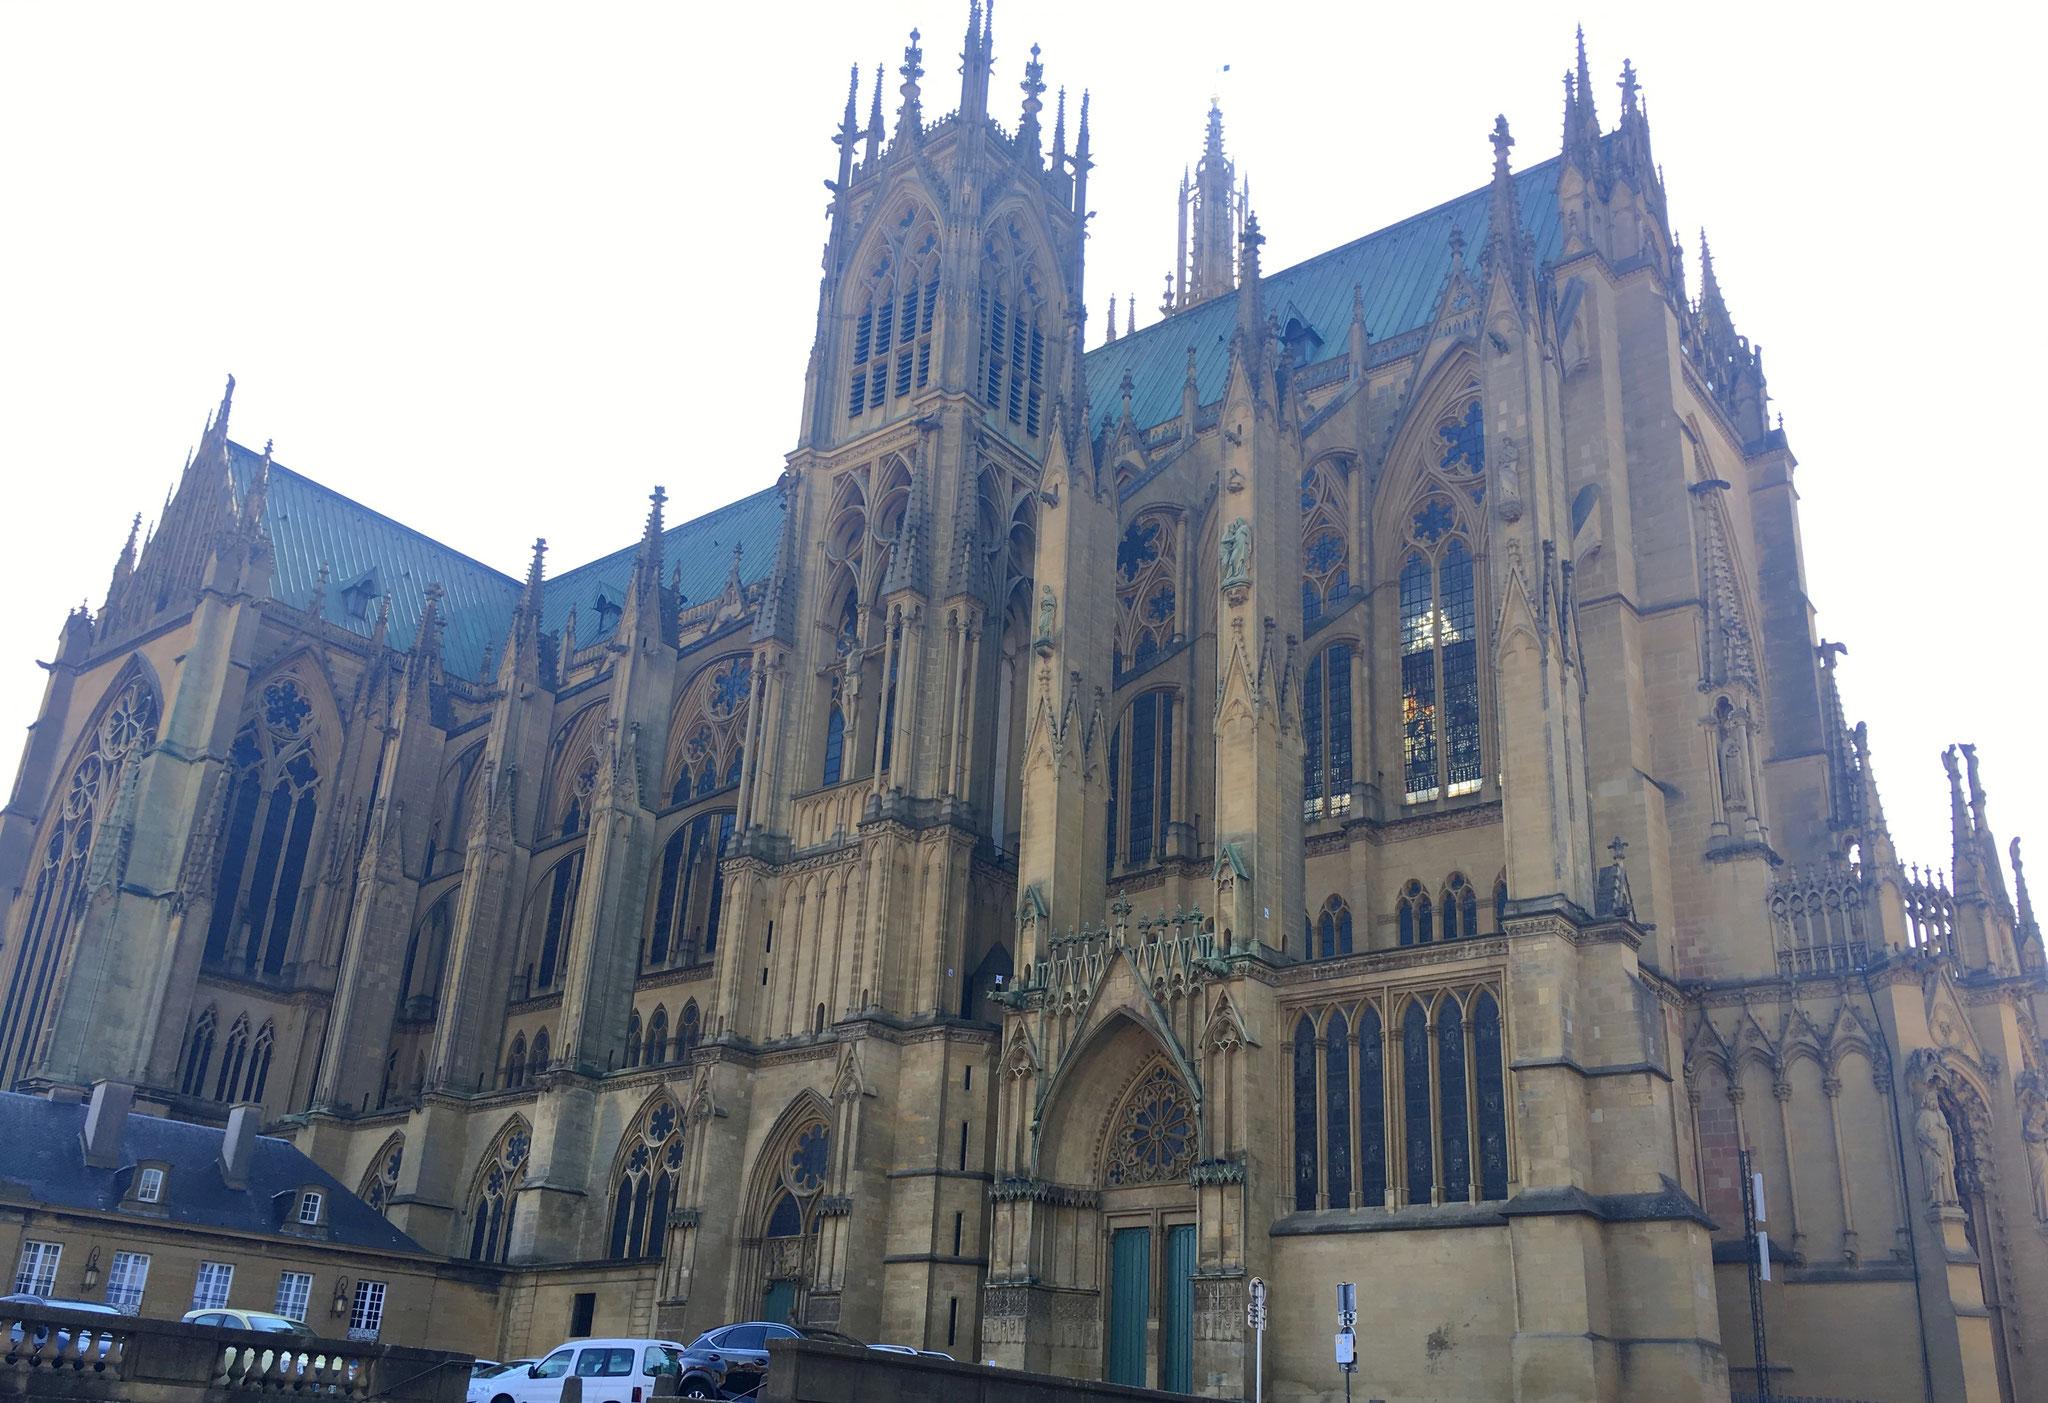 Die Kathedrale Saint-Etienne in Metz